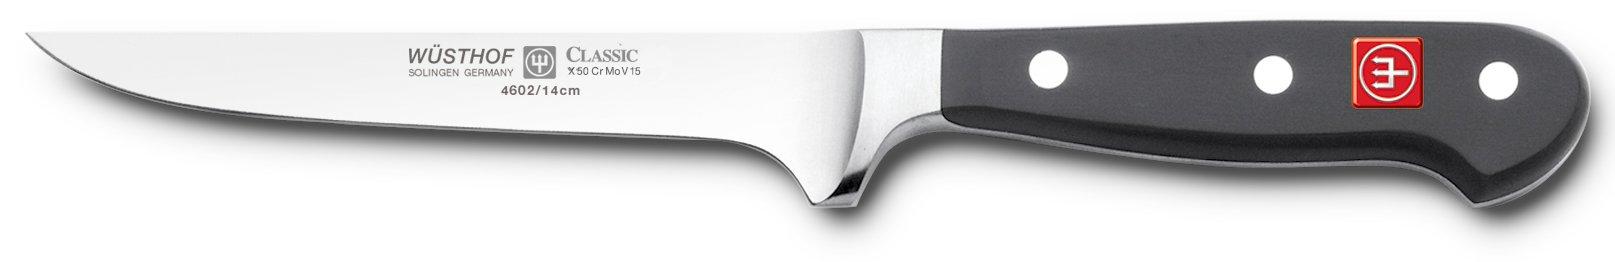 Wusthof Classic 5-Inch Boning Knife